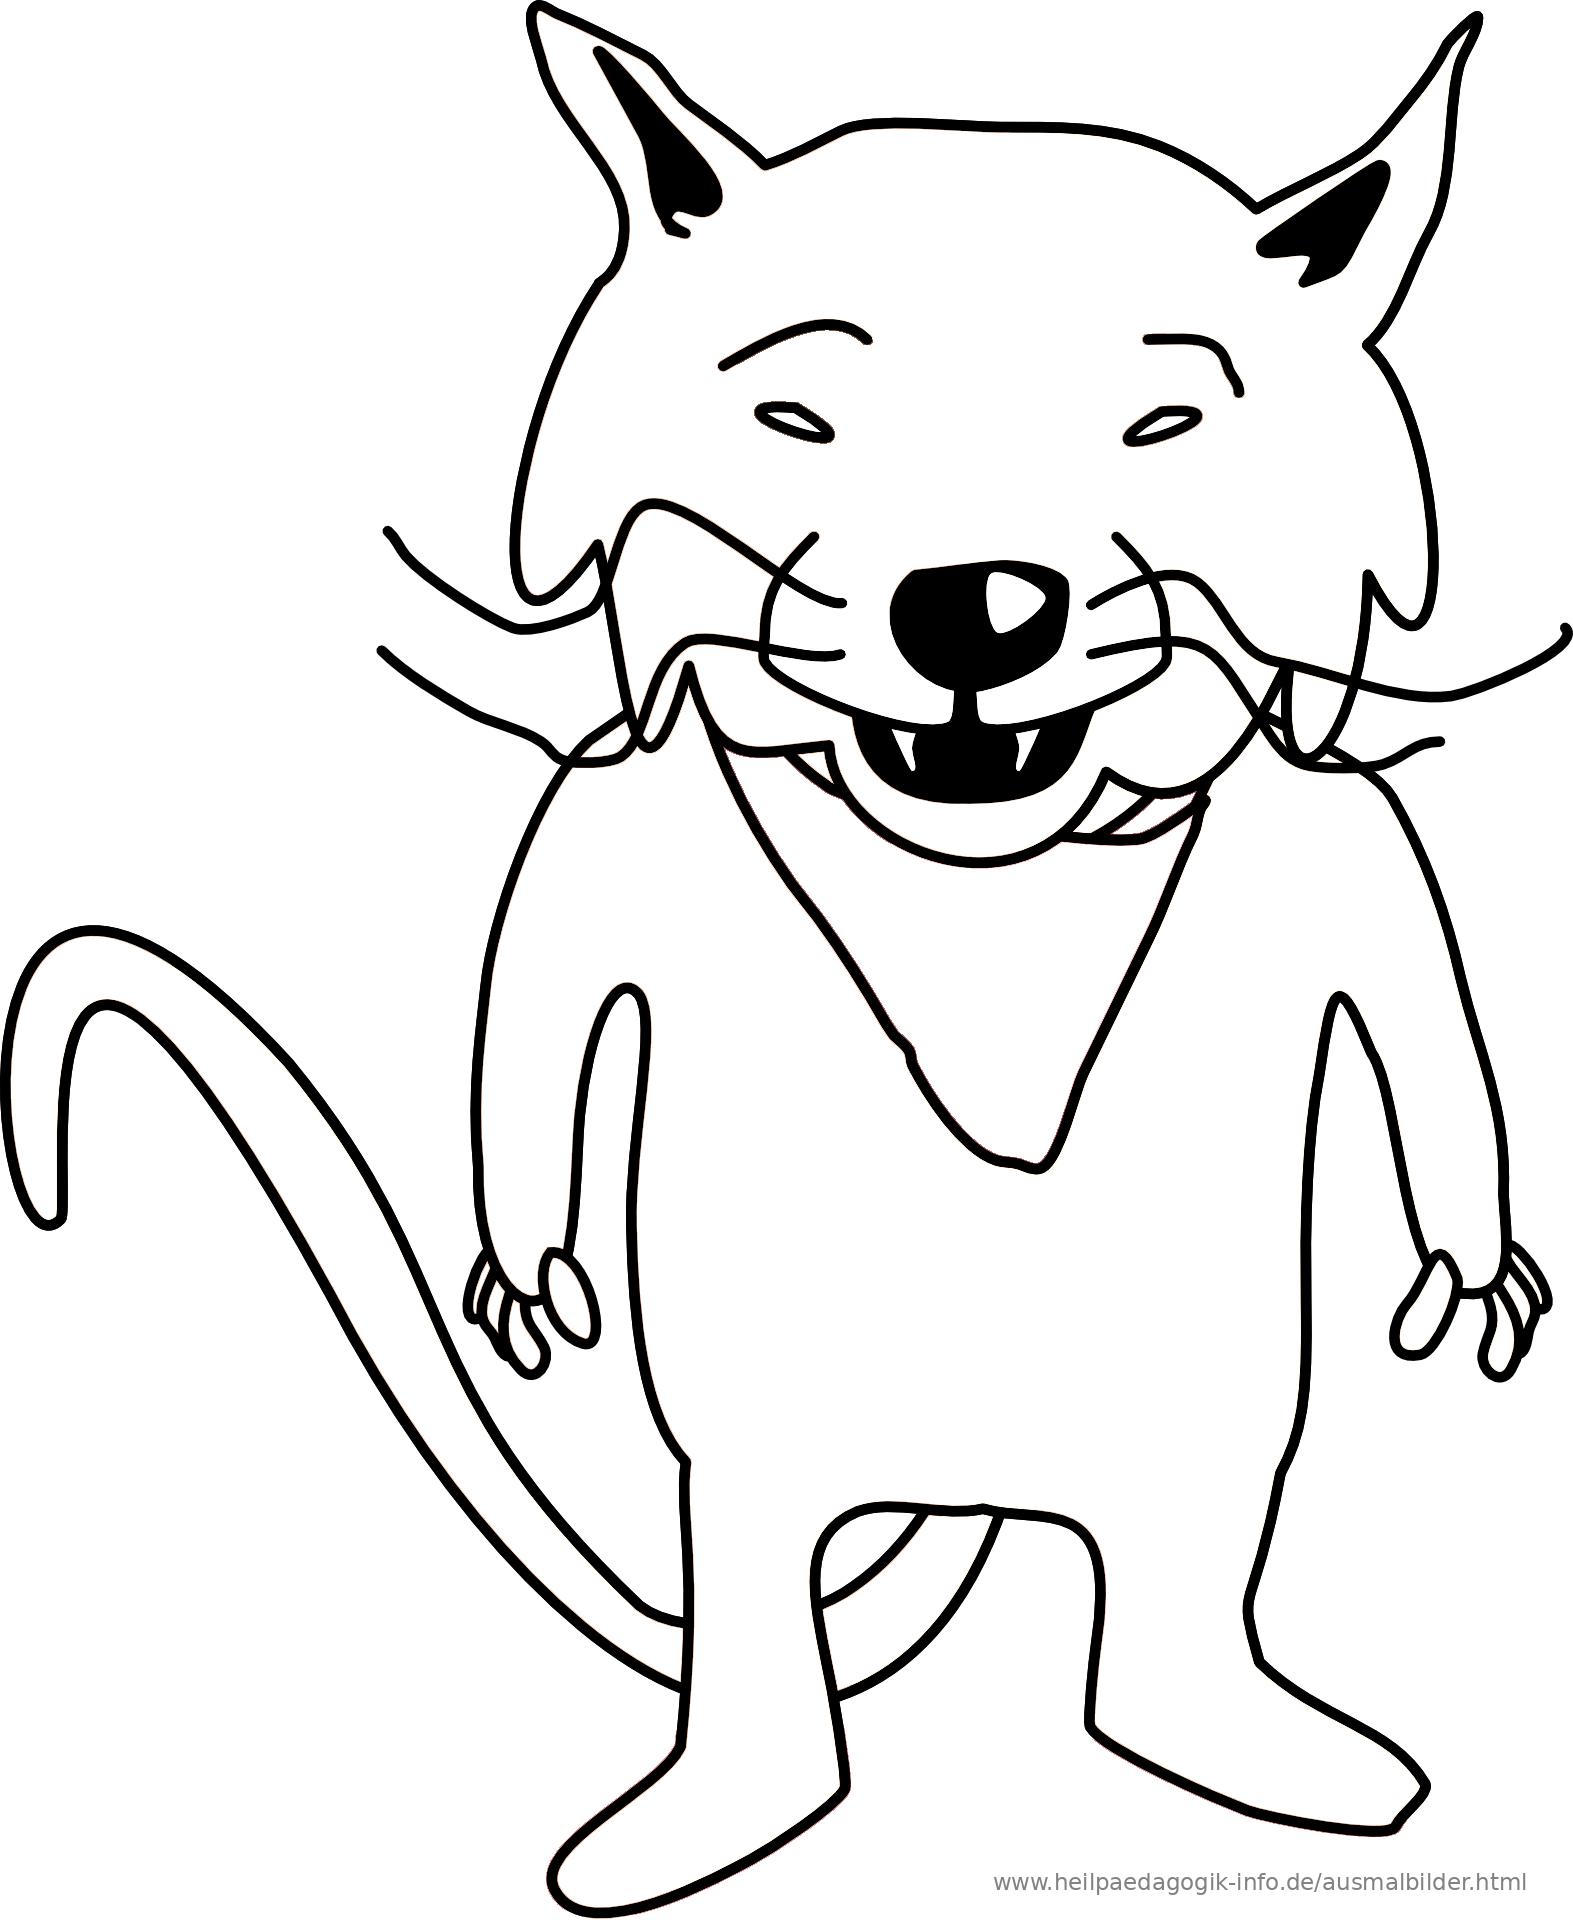 Ausmalbilder Kinder Fuchs: Ausmalbilder Tiere Pferde Ausmalbild Pferd Tattoo